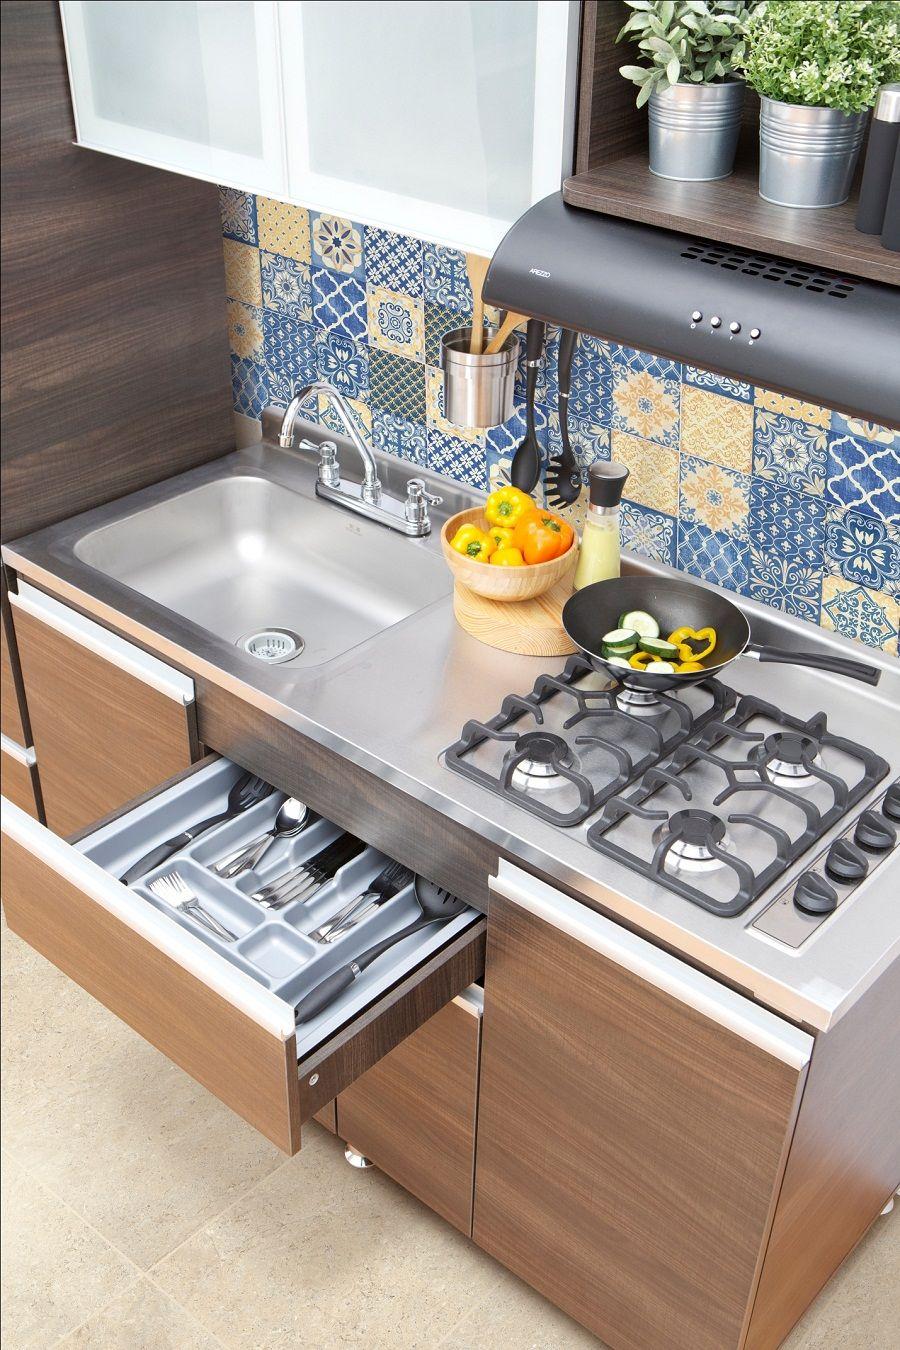 Cocinas listas para armar y para todos los gustos cer mica cocina piso estufa cubiertos - Cocina para todos ...